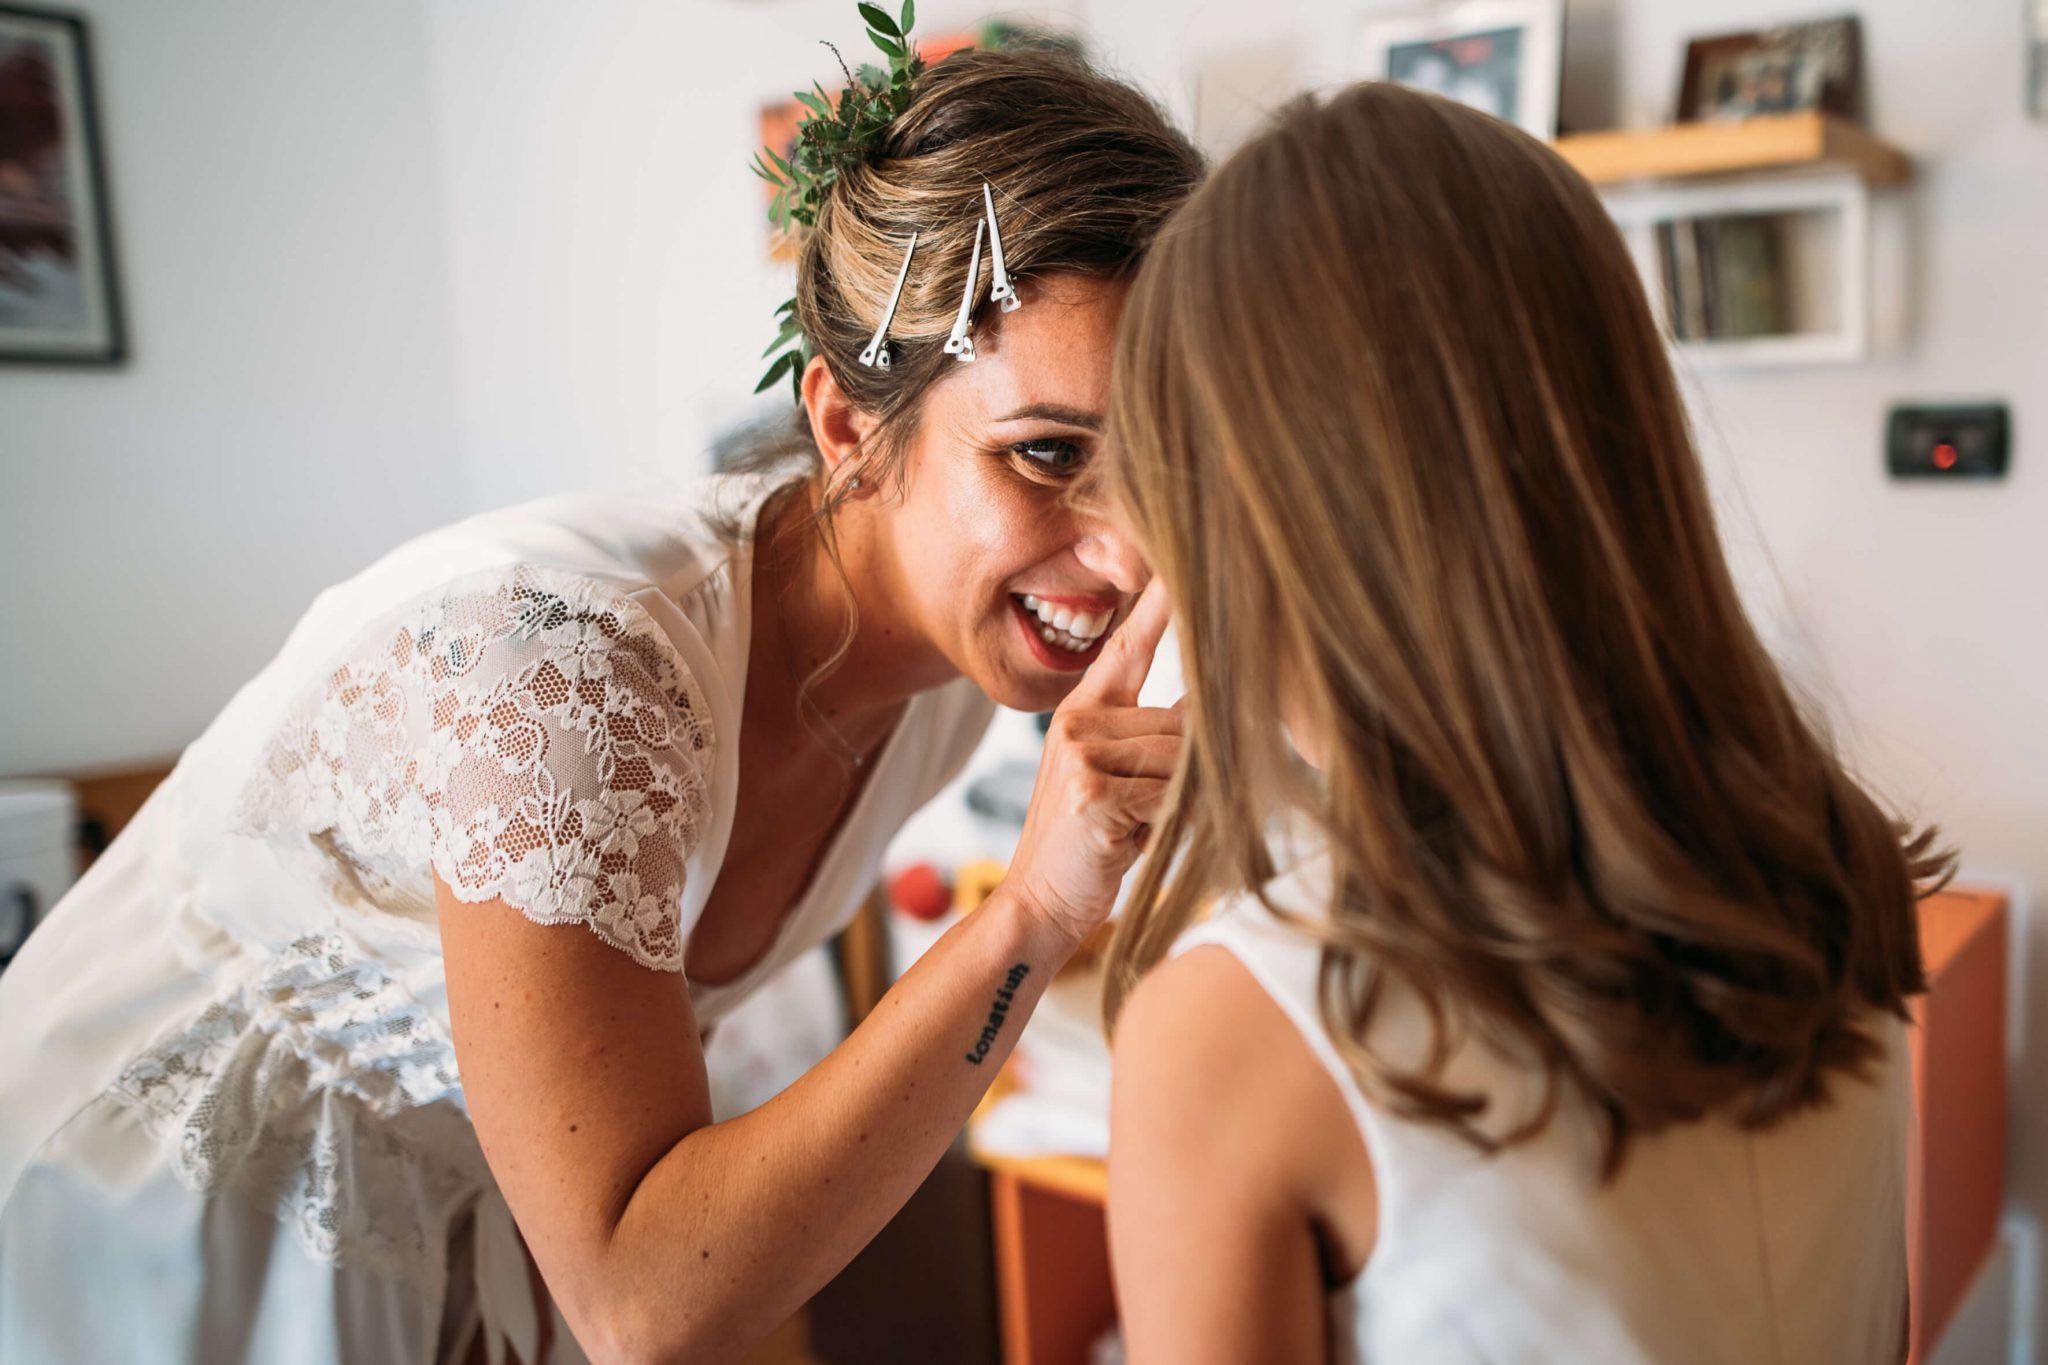 la sposa sorride dolcemente alla piccola damigella